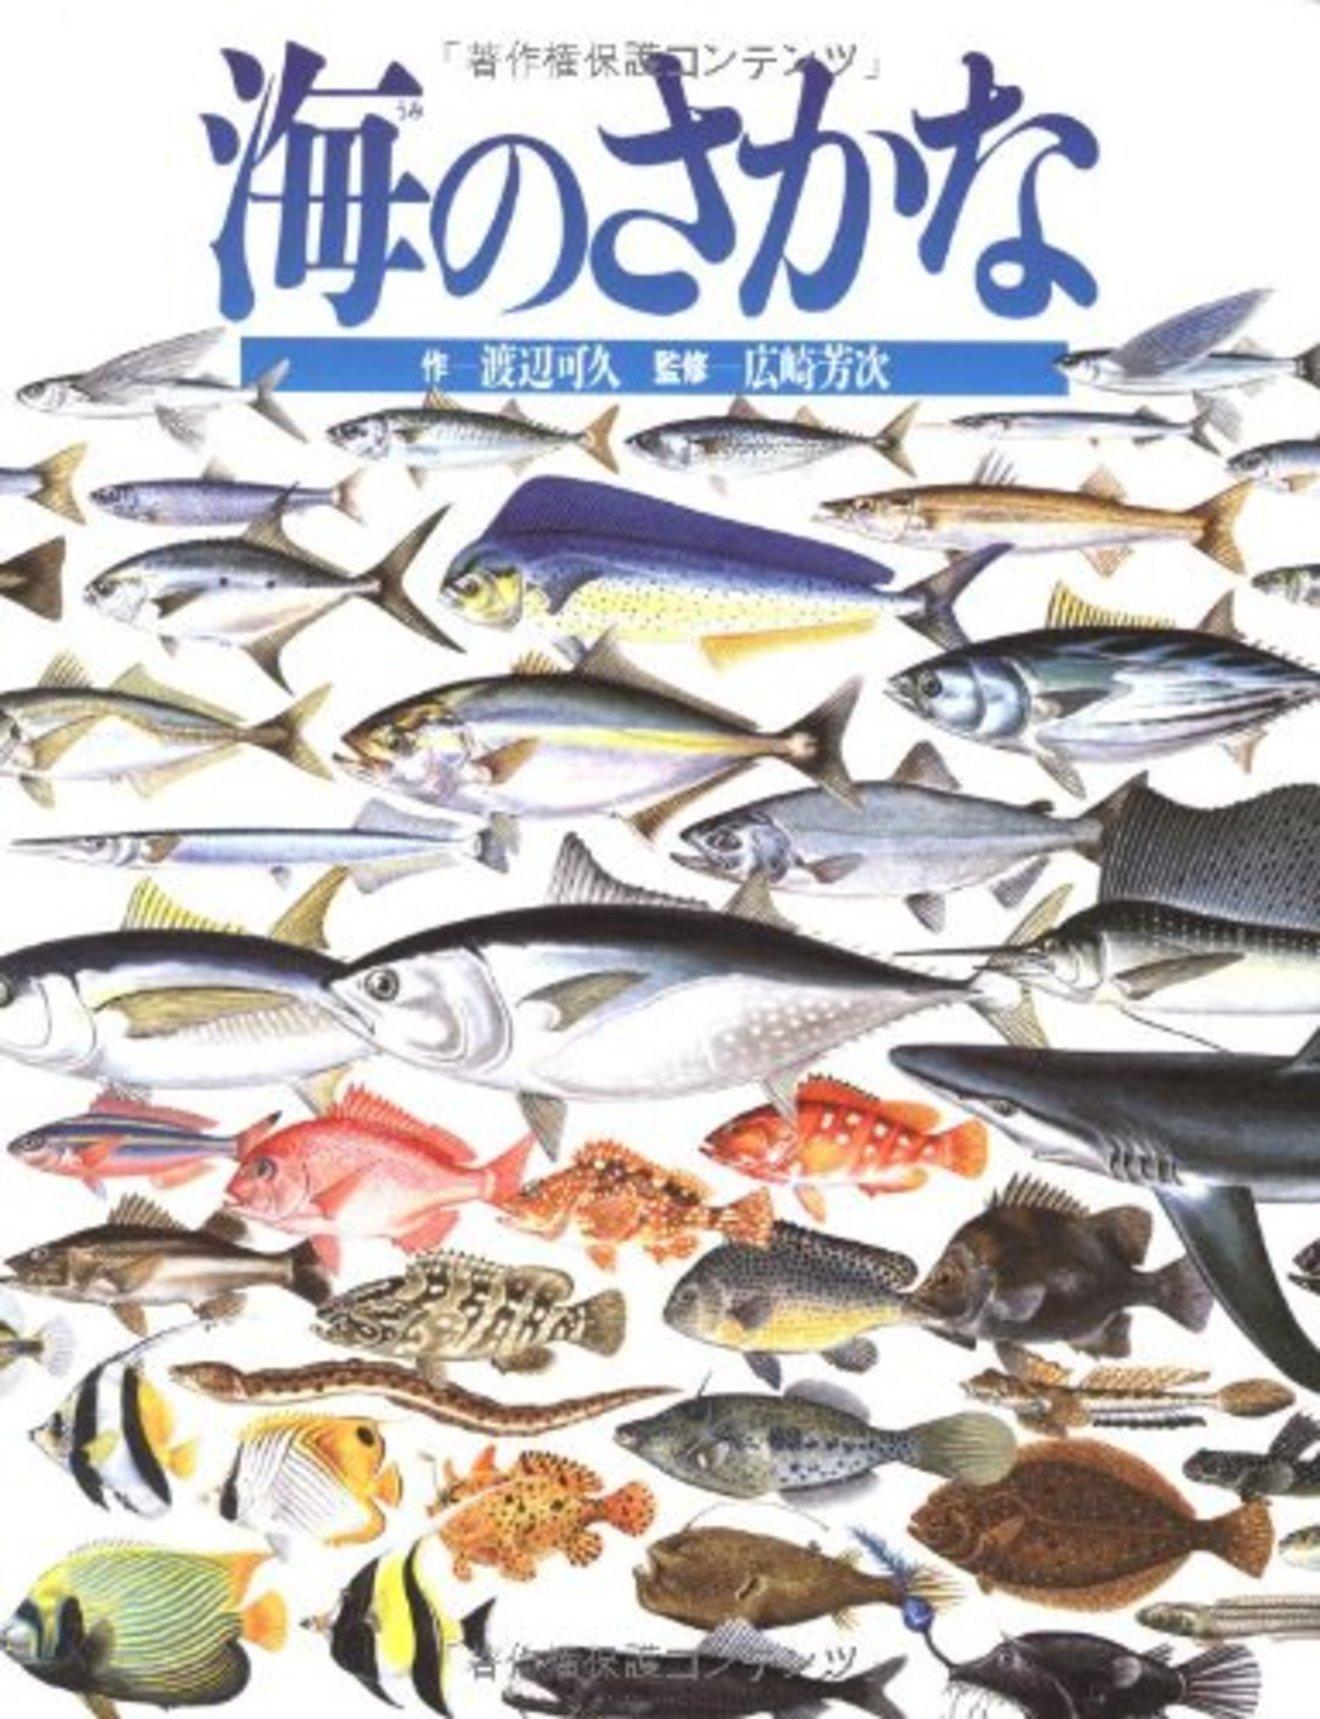 魚がテーマの絵本おすすめ5選!『スイミー』など名作も